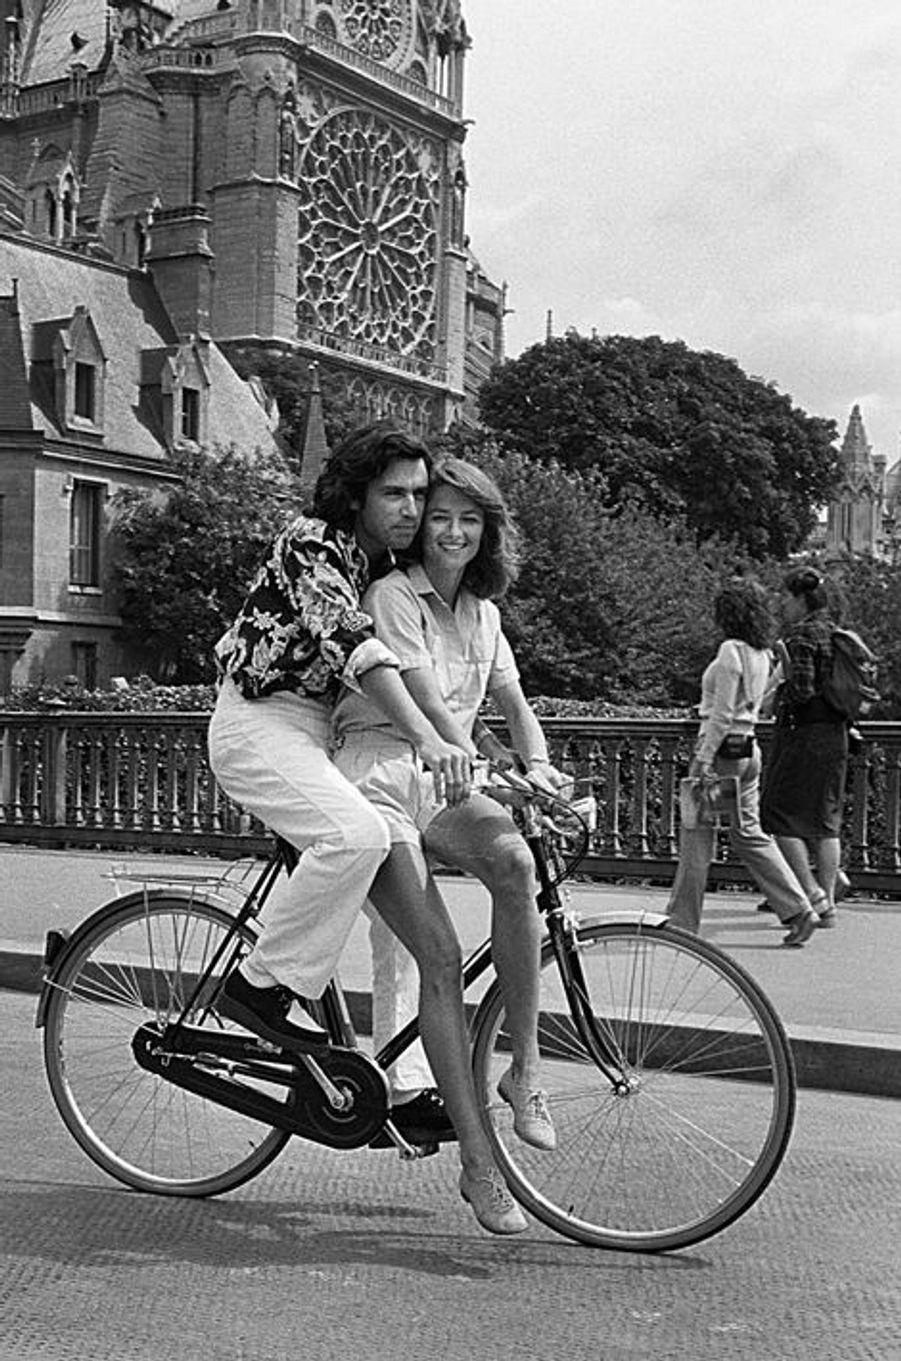 Août 1980. Vacances à Paris pour Jean-Michel Jarre et son épouse Charlotte Rampling. Promenade romantique à vélo autour de Notre-Dame. Ils se sont mariés en 1978 et divorceront en 1997.